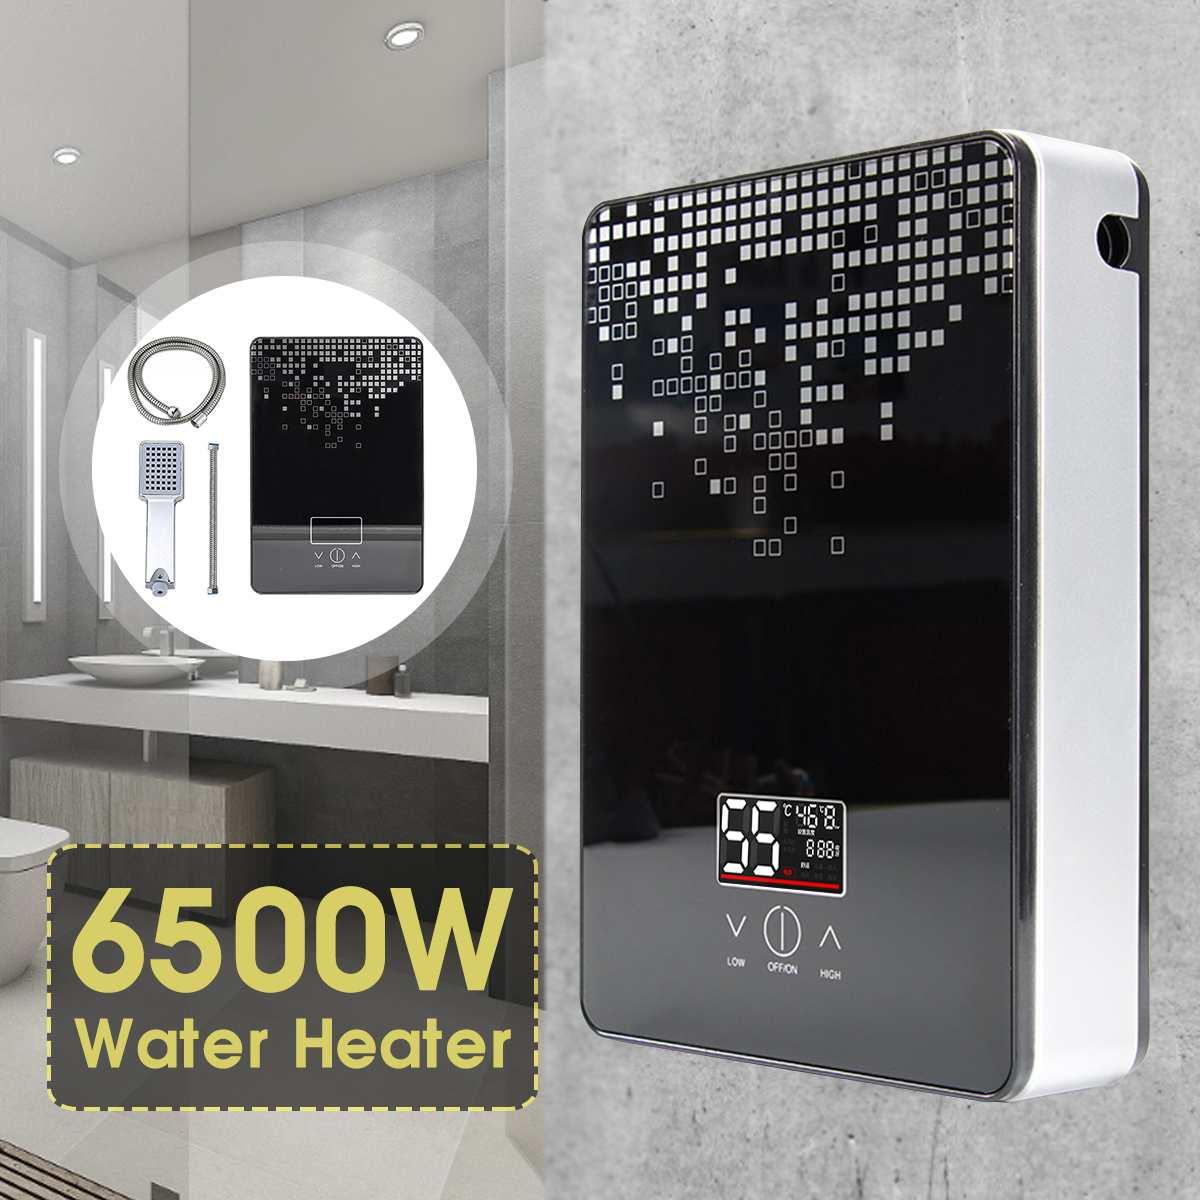 Chauffe-eau électrique 6500W 220V chaudière instantanée sans réservoir salle de bain ensemble de douche Thermostat sûr Intelligent automatiquement fauce